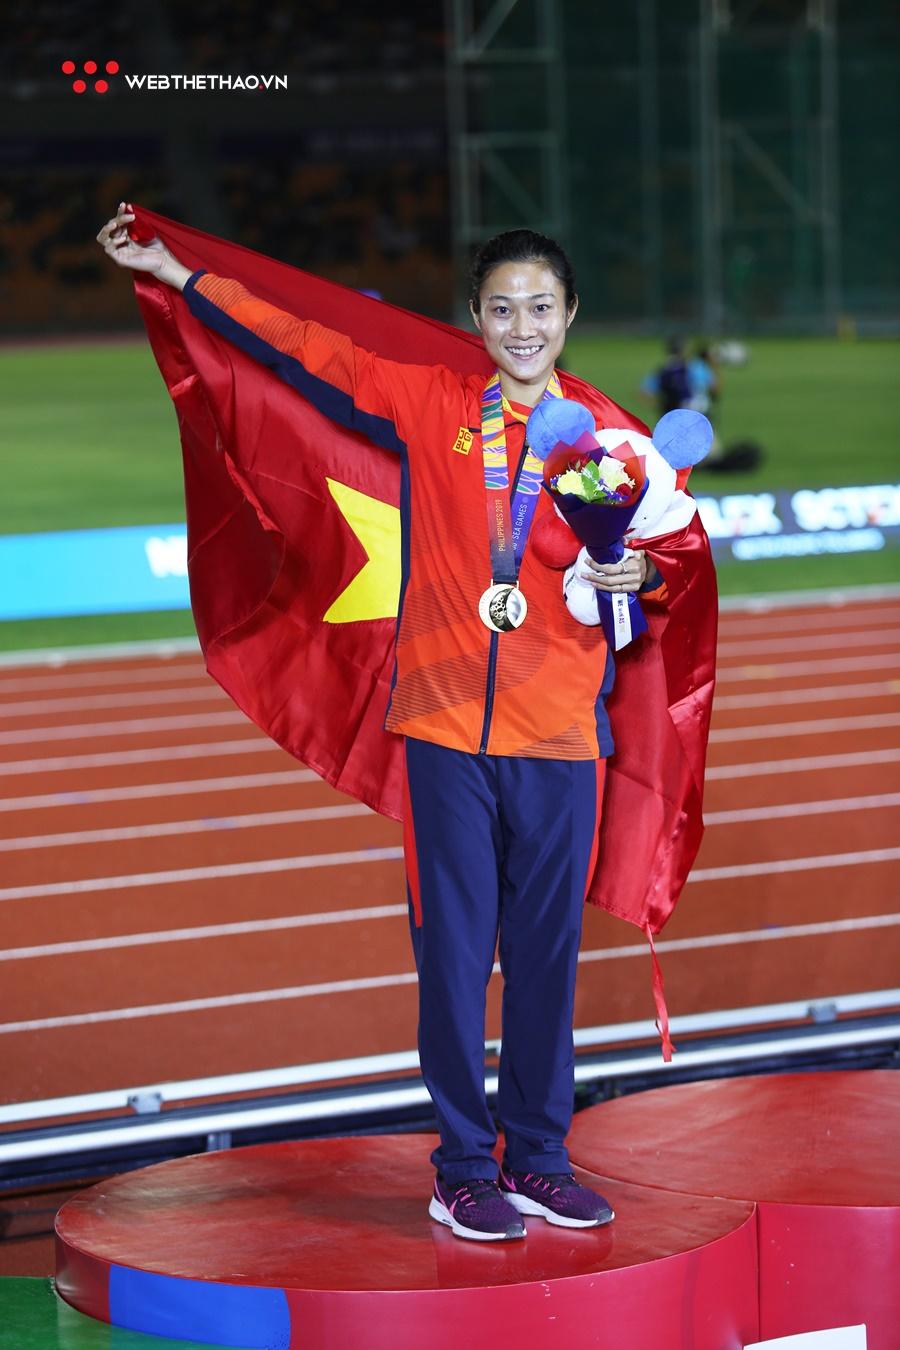 Trực tiếp SEA Games 30 hôm nay 9/12: Dương Văn Thái mang về HCV thứ 80 cho Việt Nam